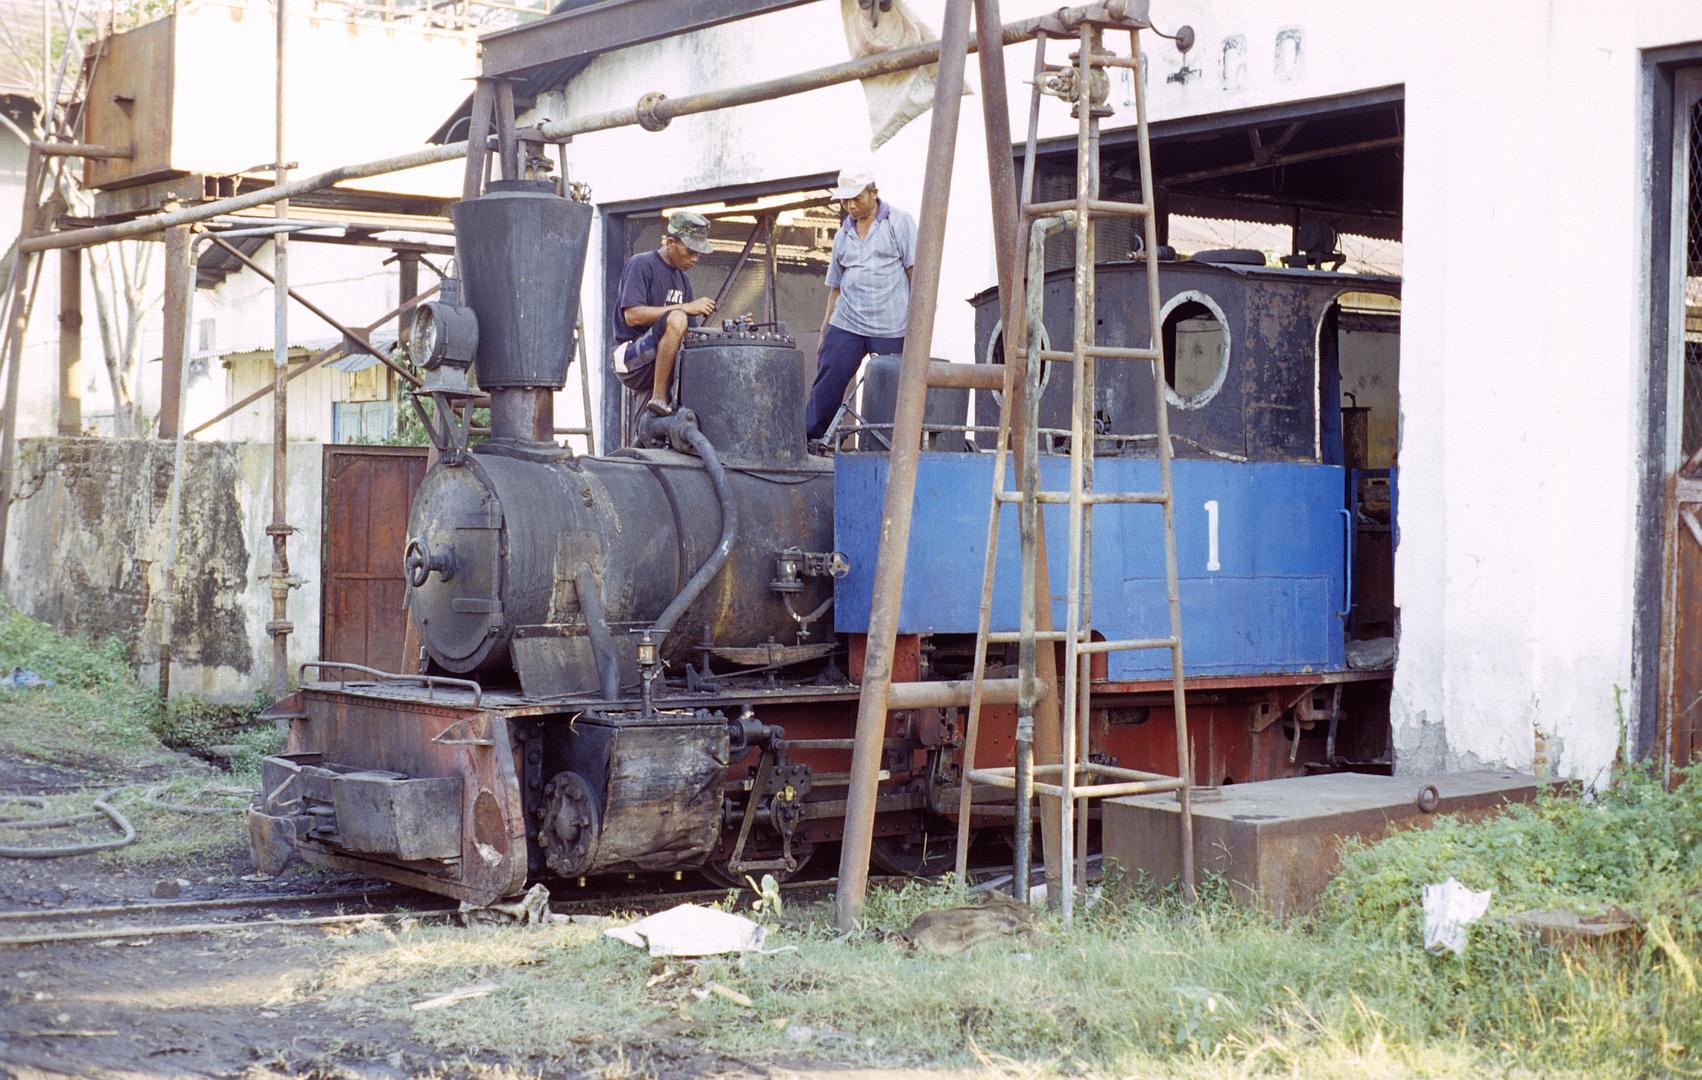 Zuckerfabrik PG Kanigoro, Madiun (Java, Indonesien), Juni 2003